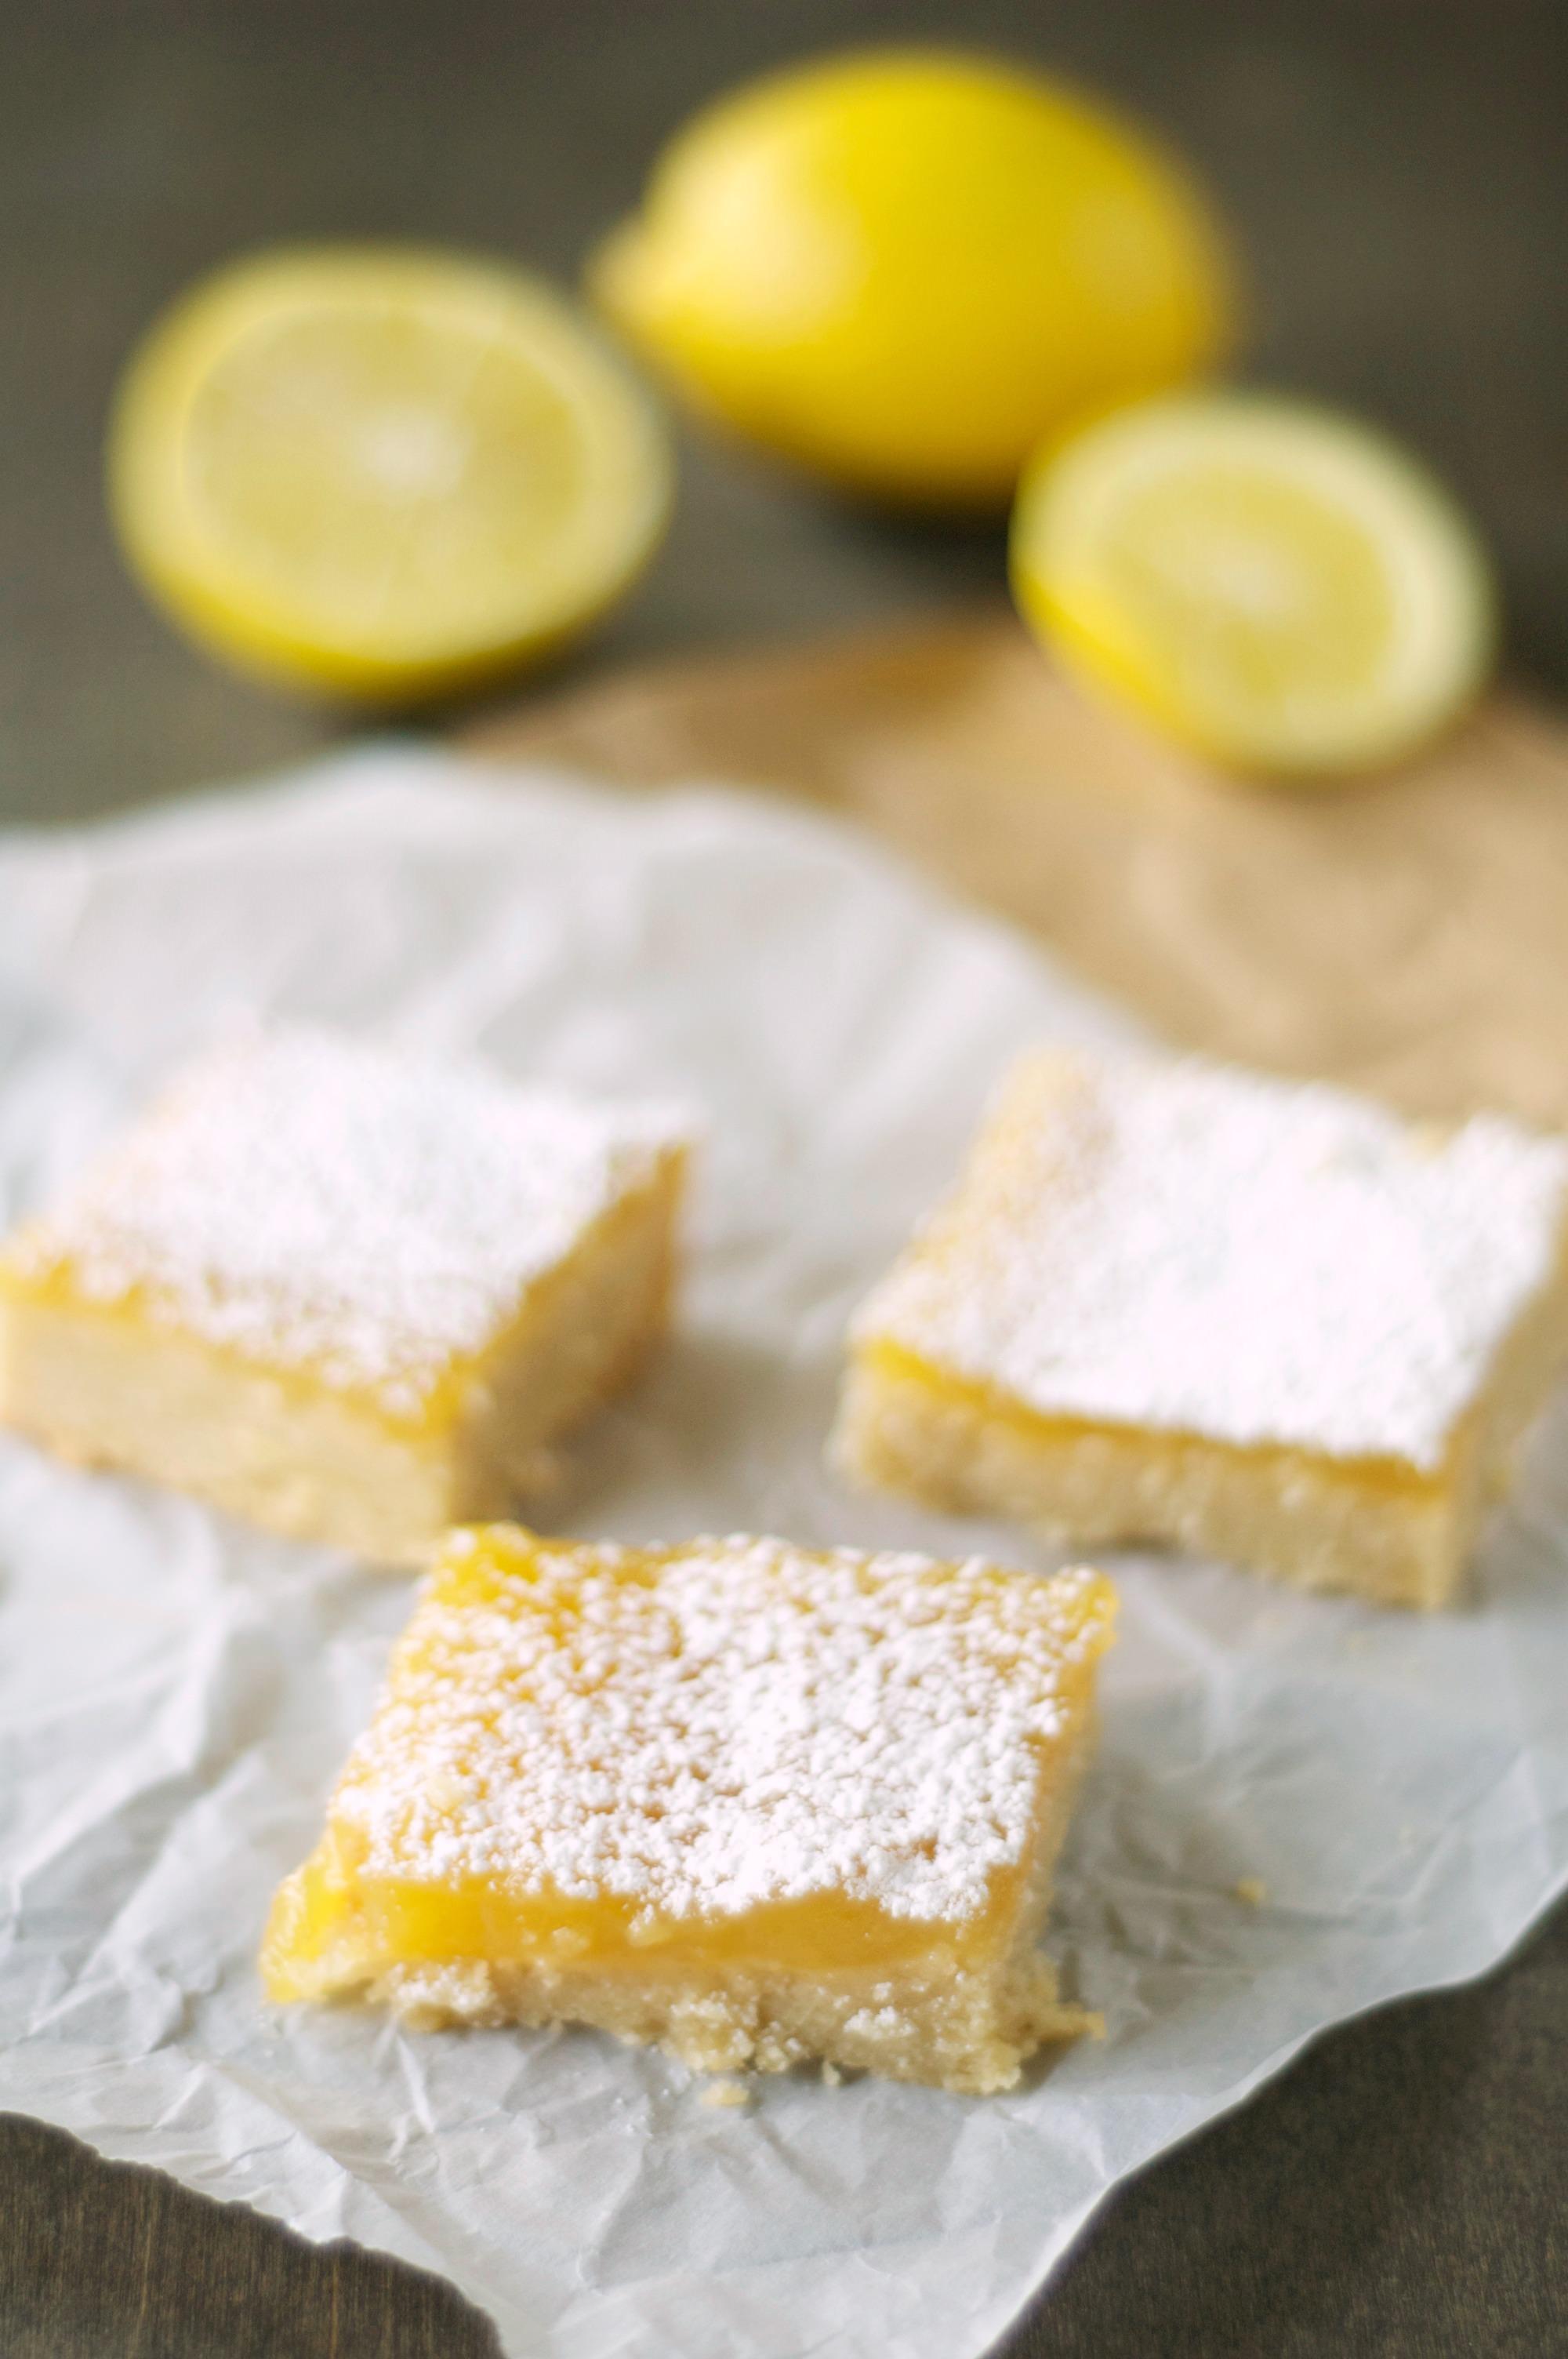 Crockpot Lemon Cookie Bars